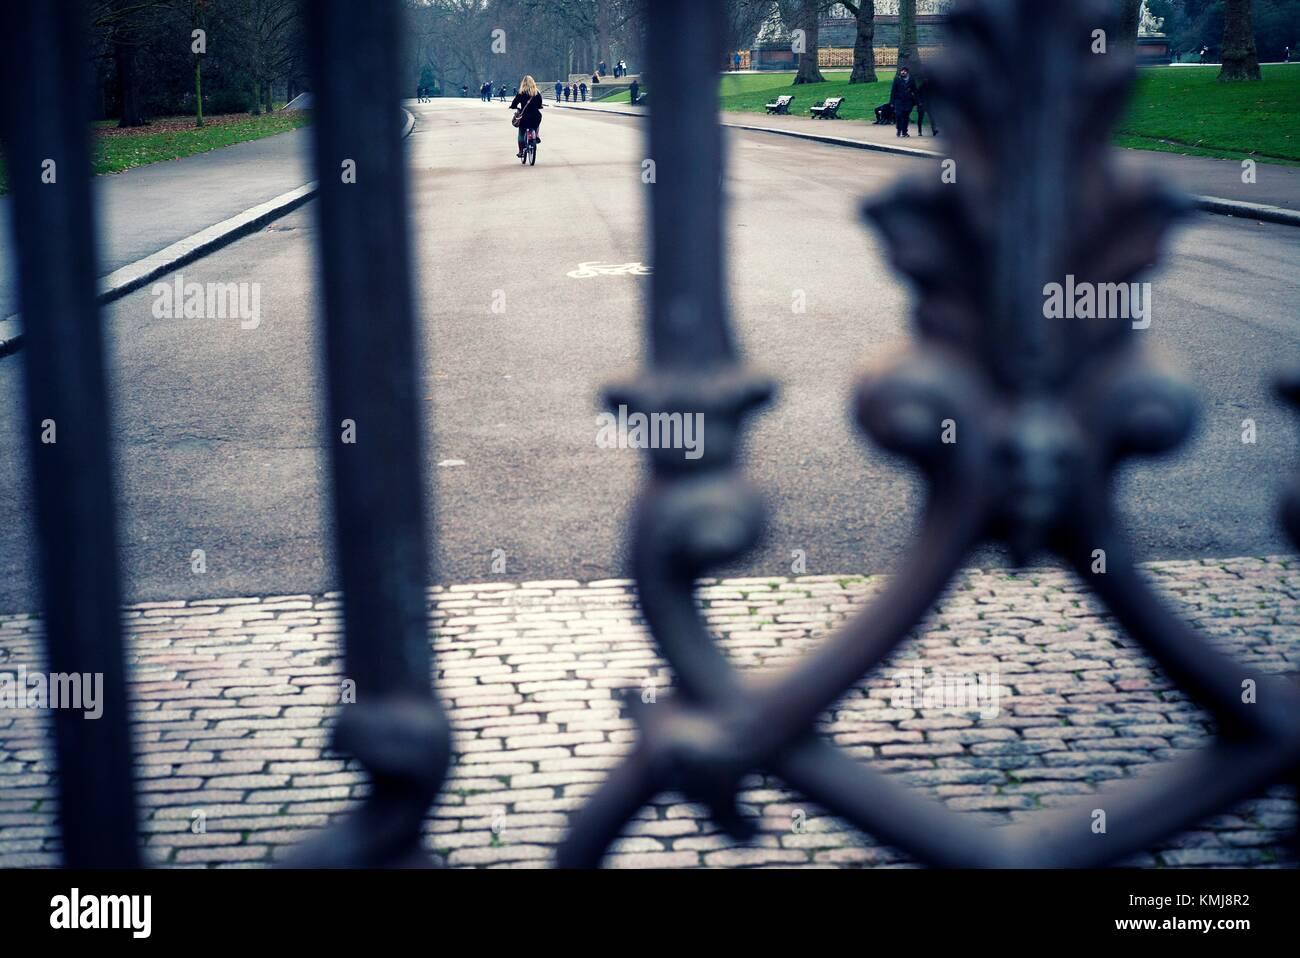 Erna Stock Photos Erna Stock Images Alamy